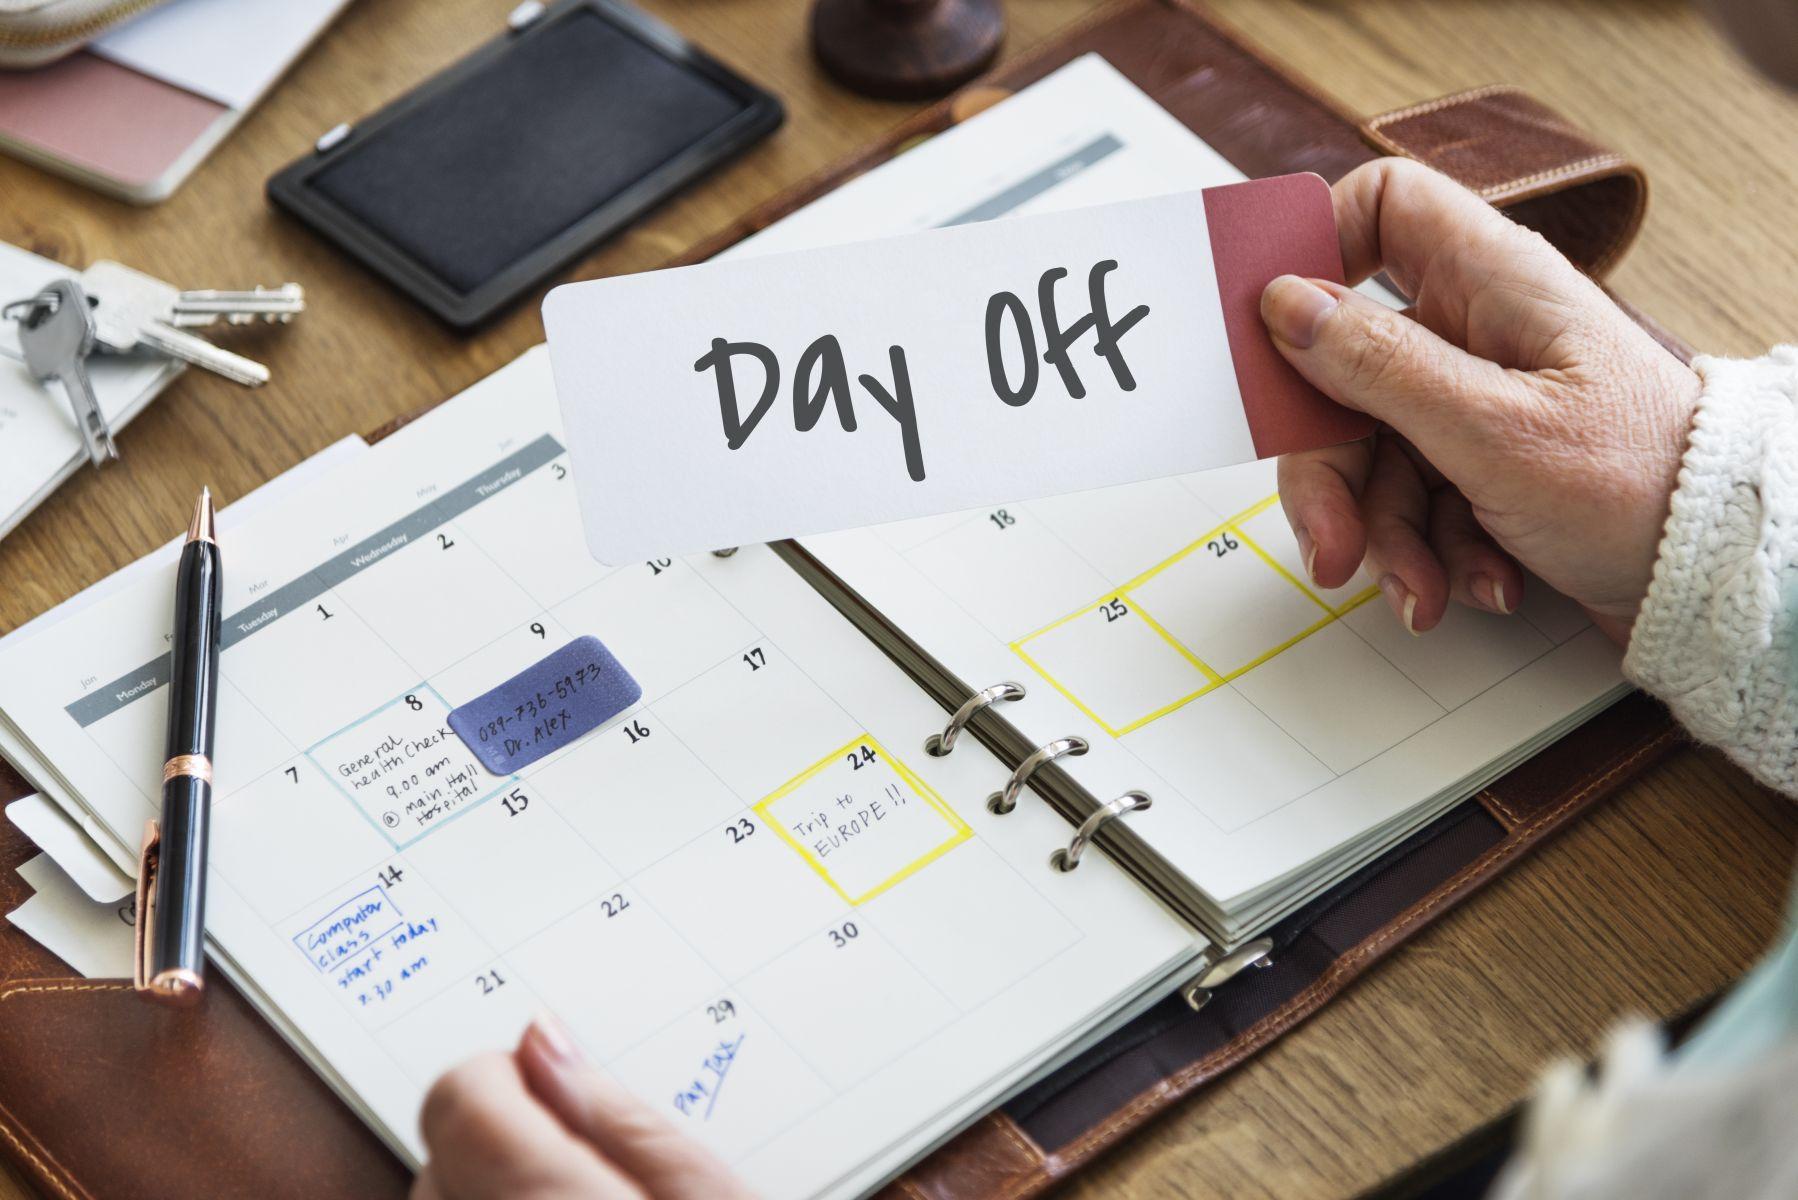 員工離職前將特別休假7日完全使用完畢,企業想要依比例扣薪資,問題點在哪裡?